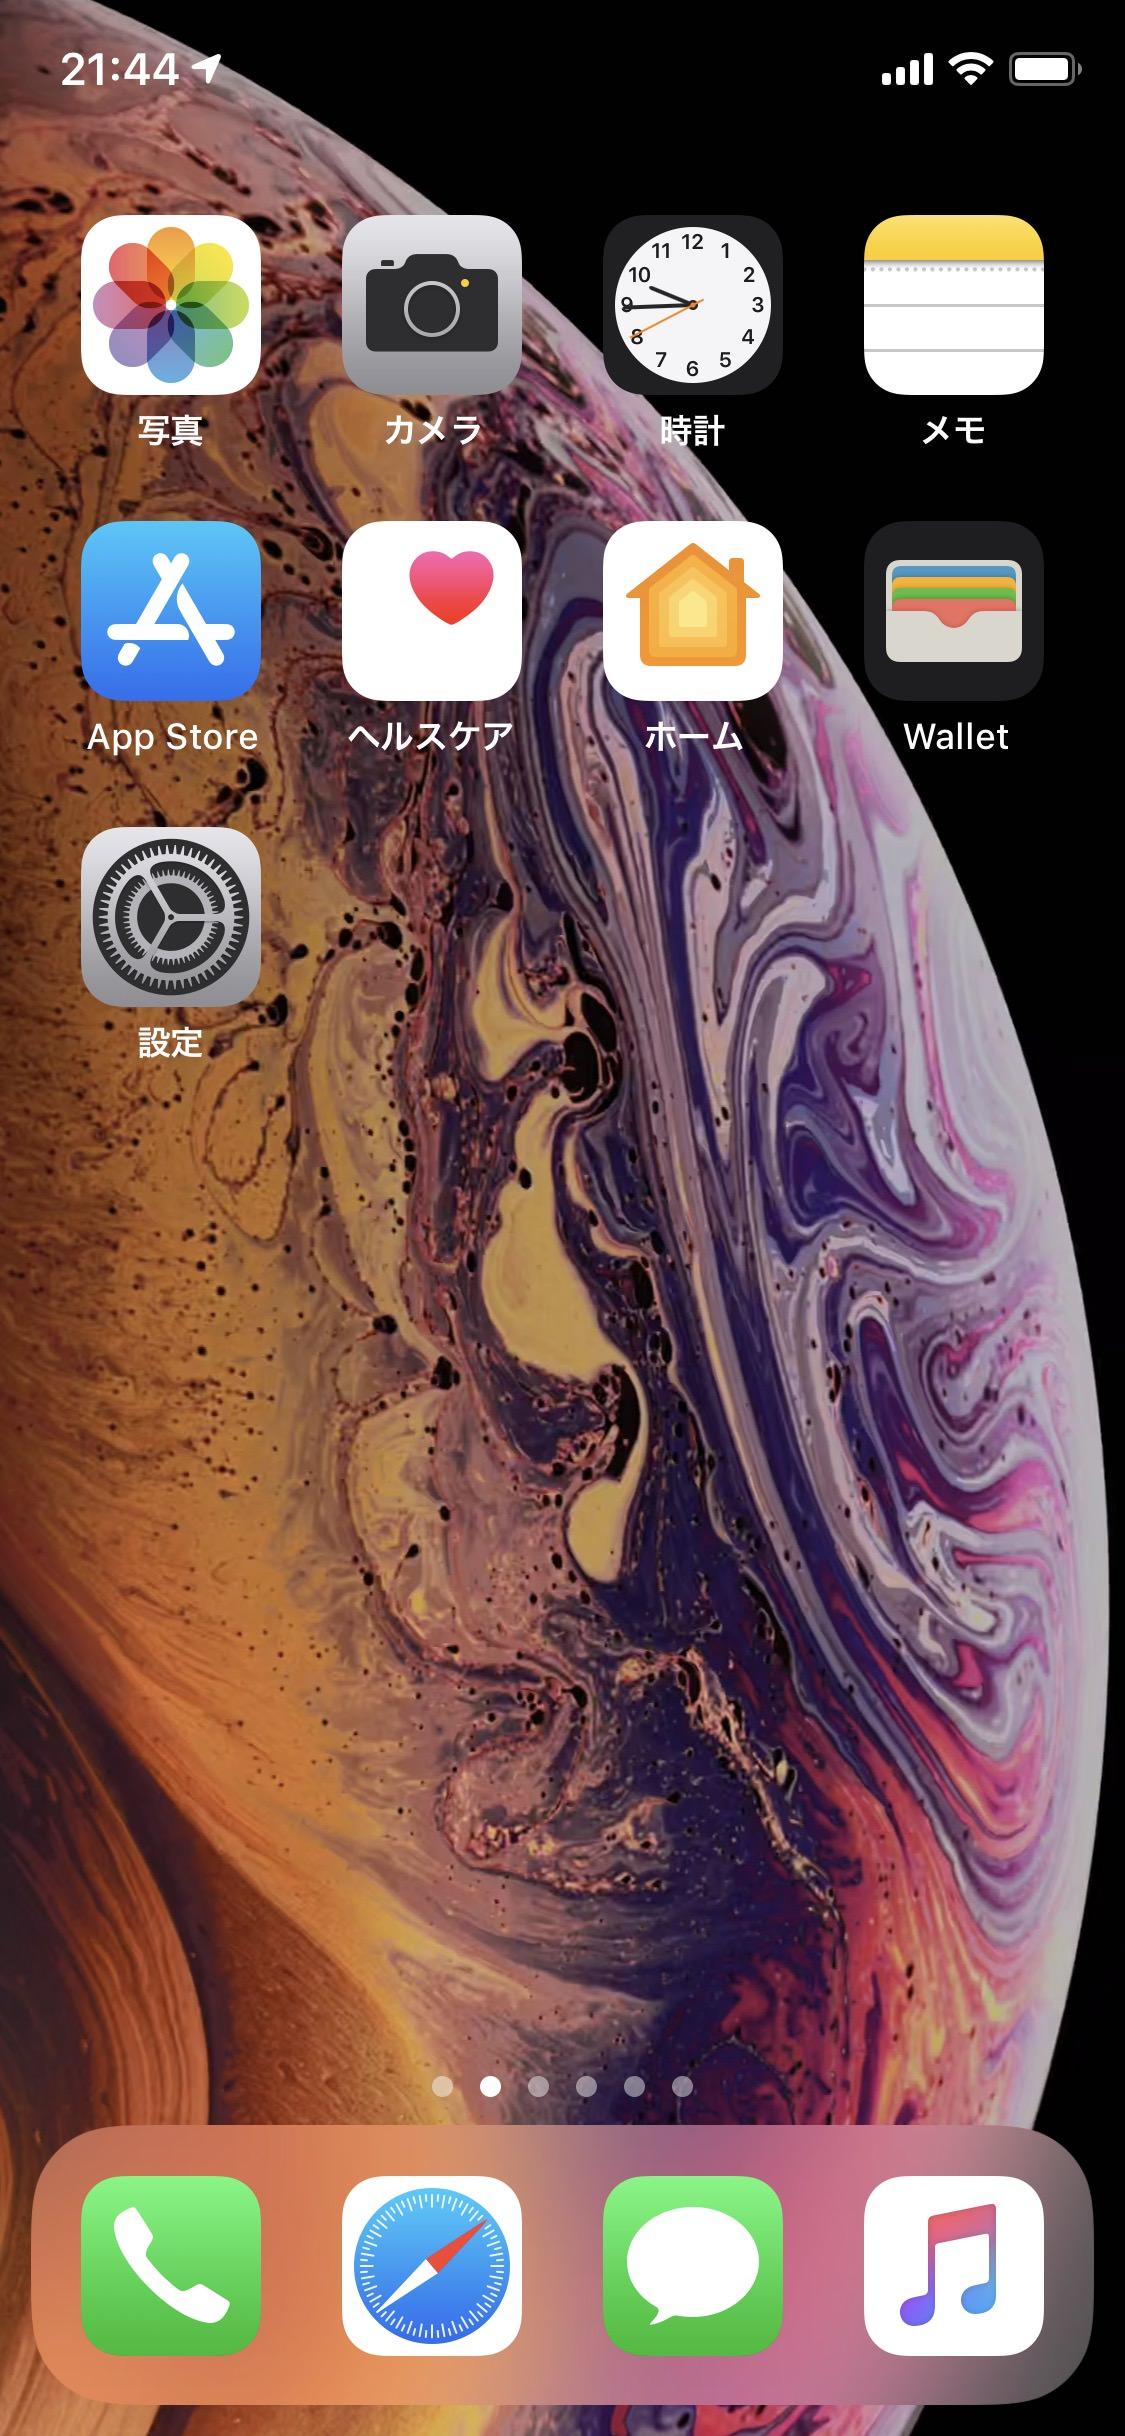 不要な標準アプリを消した後のホーム画面